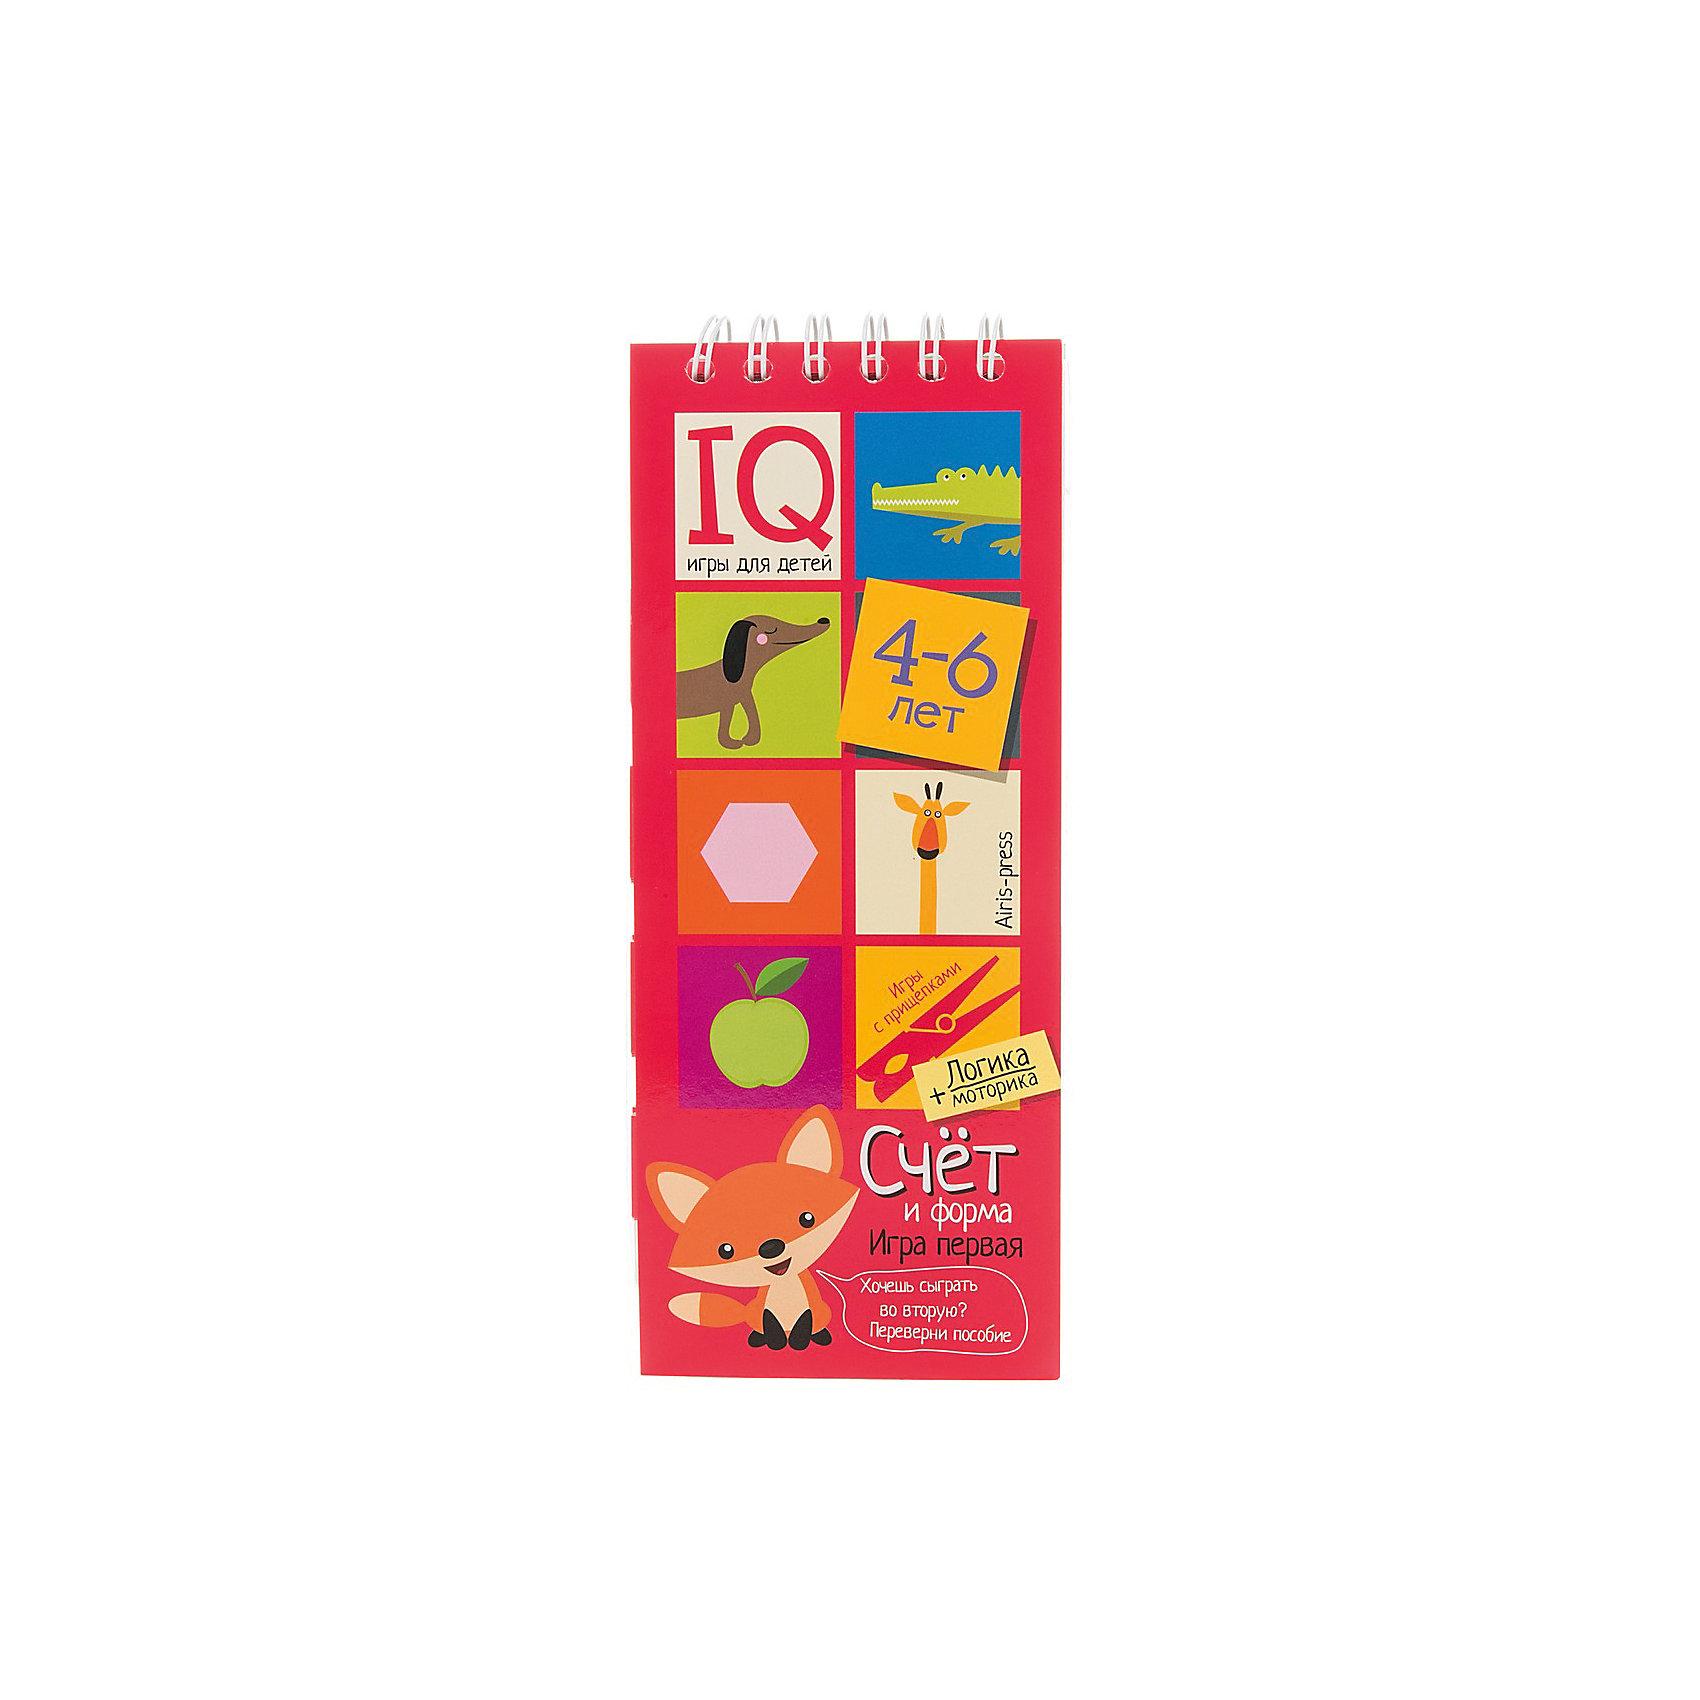 Игры с прищепками Счет и формаКниги для развития мышления<br>«Счёт и форма» – это игровой комплект для развития логического мышления и моторики, тренировки математических навыков. Комплект представляет собой небольшой блокнот на пружине, состоящий из 30 картонных карточек, и 8 разноцветных прищепок. Выполняя задания на карточках-страничках, ребёнок будет анализировать, сравнивать, искать логические связи, потренируется в счёте. Прикрепляя прищепки и проходя лабиринты, он развивает моторику и координацию движений. Проверить правильность своих ответов ребёнок сможет самостоятельно, просто проводя пальчиком по лабиринтам на оборотной стороне карточек. Простота и удобство комплекта позволяют использовать его в детском саду, дома и на отдыхе.&#13;<br>Предназначен для детей старше 4 лет.<br><br>Ширина мм: 15<br>Глубина мм: 95<br>Высота мм: 240<br>Вес г: 138<br>Возраст от месяцев: 48<br>Возраст до месяцев: 72<br>Пол: Унисекс<br>Возраст: Детский<br>SKU: 6849567